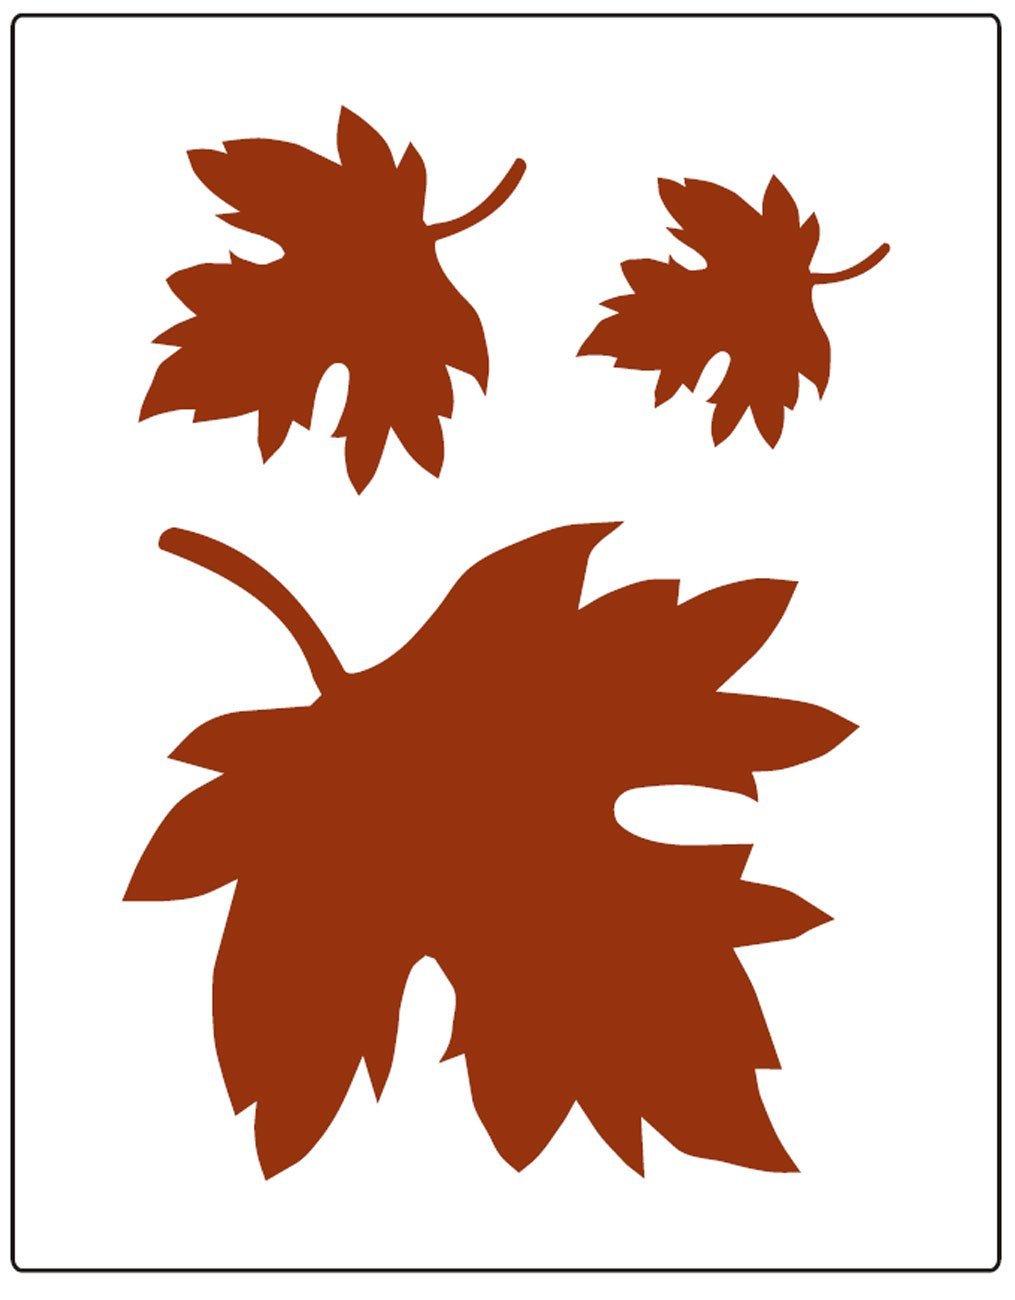 Листья деревьев для вырезания из бумаги шаблоны